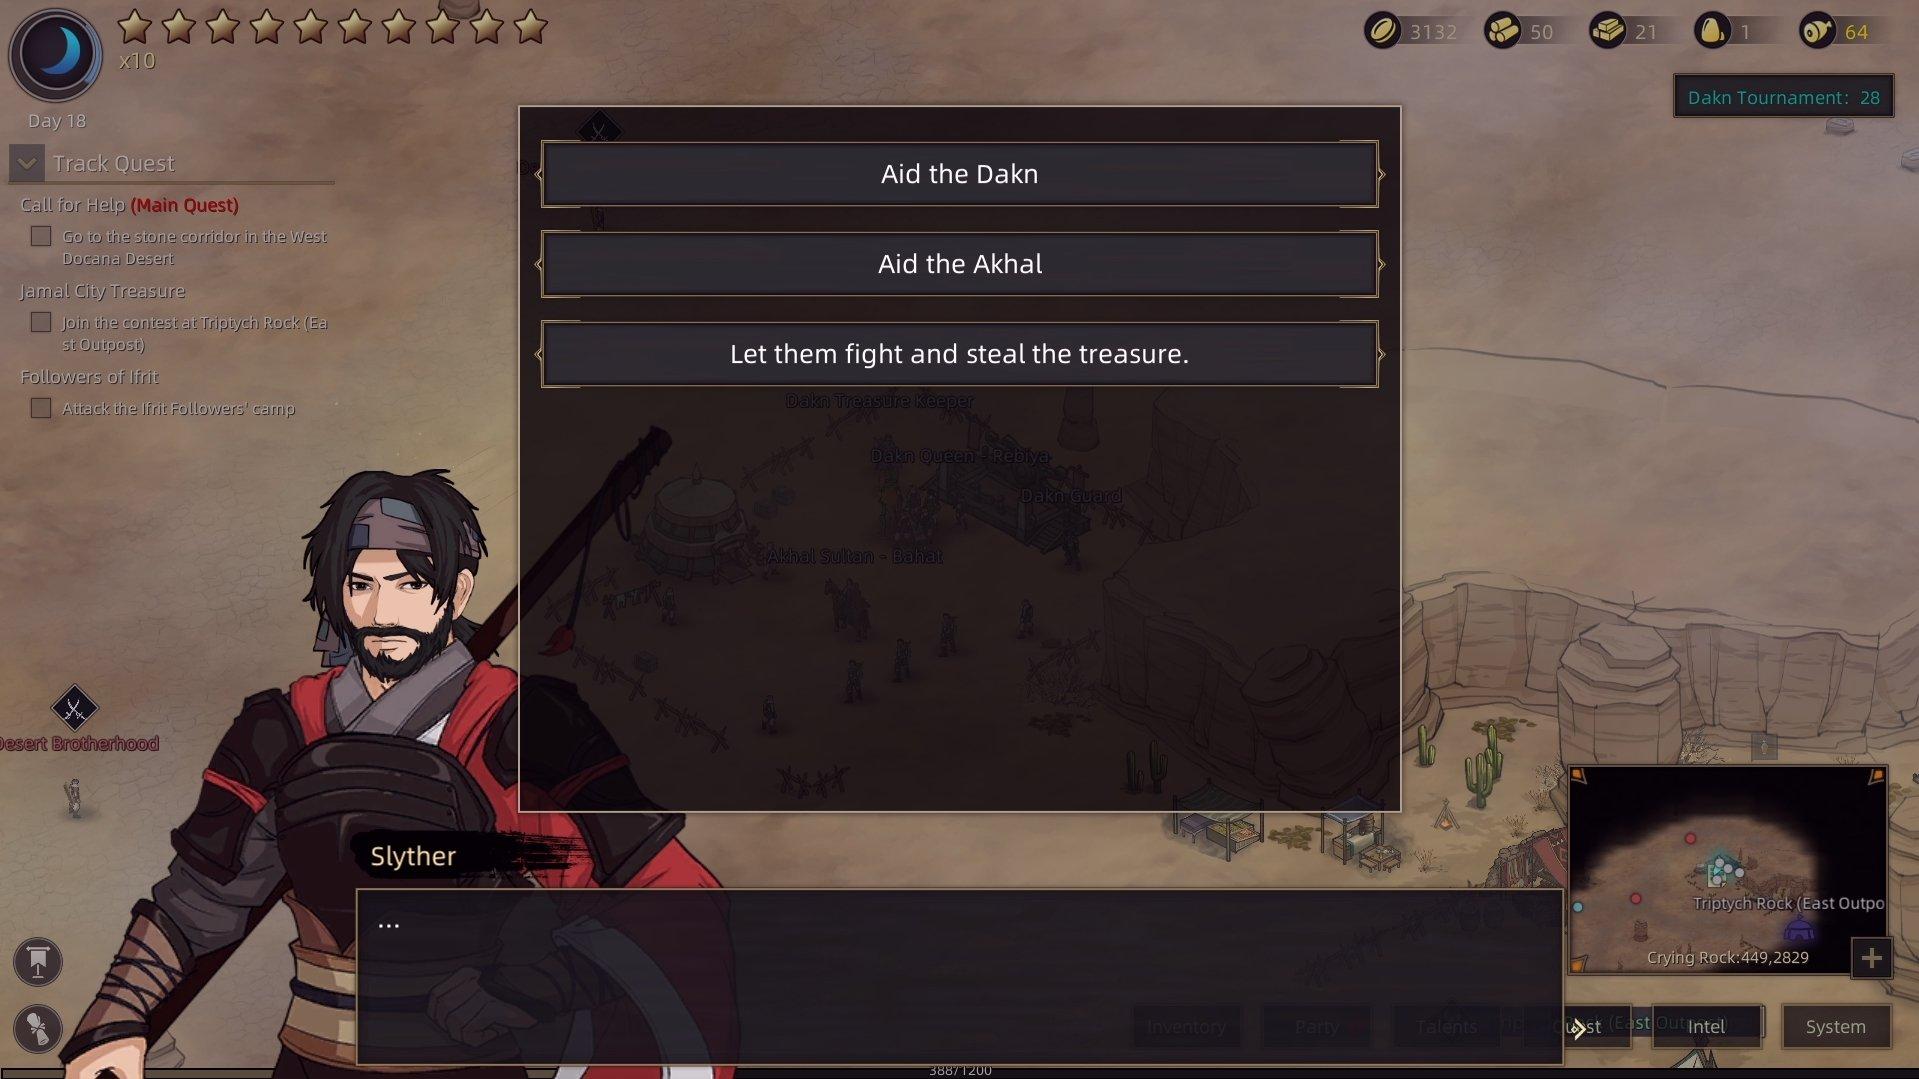 Sands of Salzaar - Dakn Tournament Choices